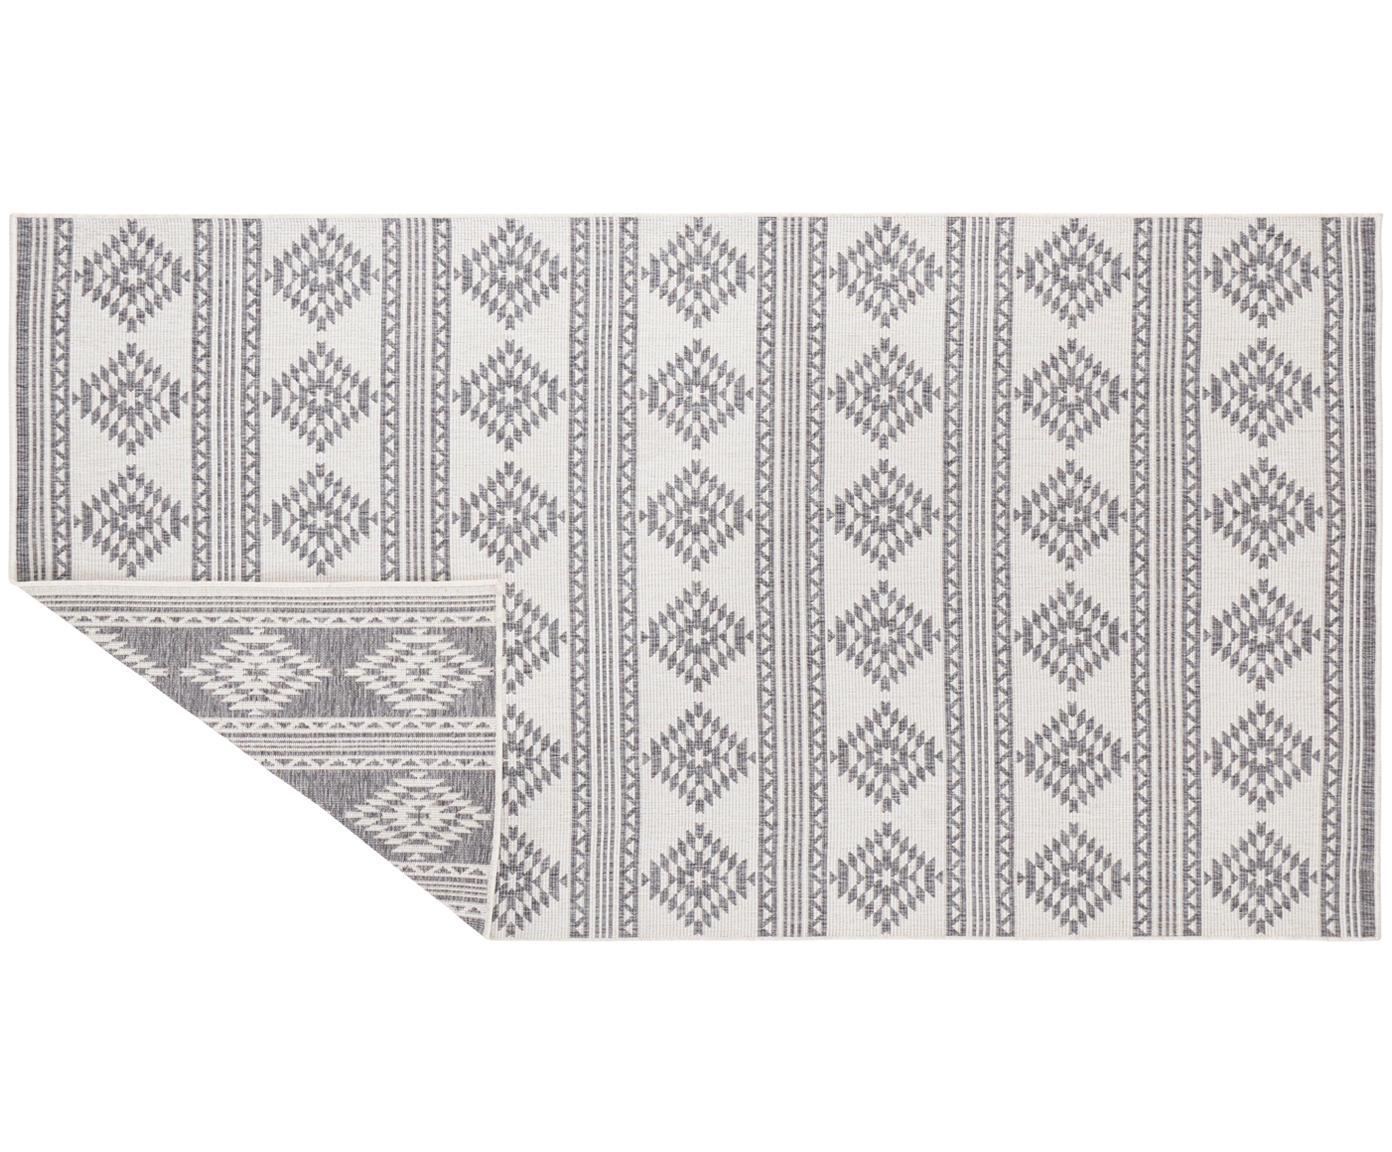 Dwustronny dywan wewnętrzny/zewnętrzny Maple, 100% polipropylen, Szary, kremowy, S 80 x D 150 cm (Rozmiar XS)